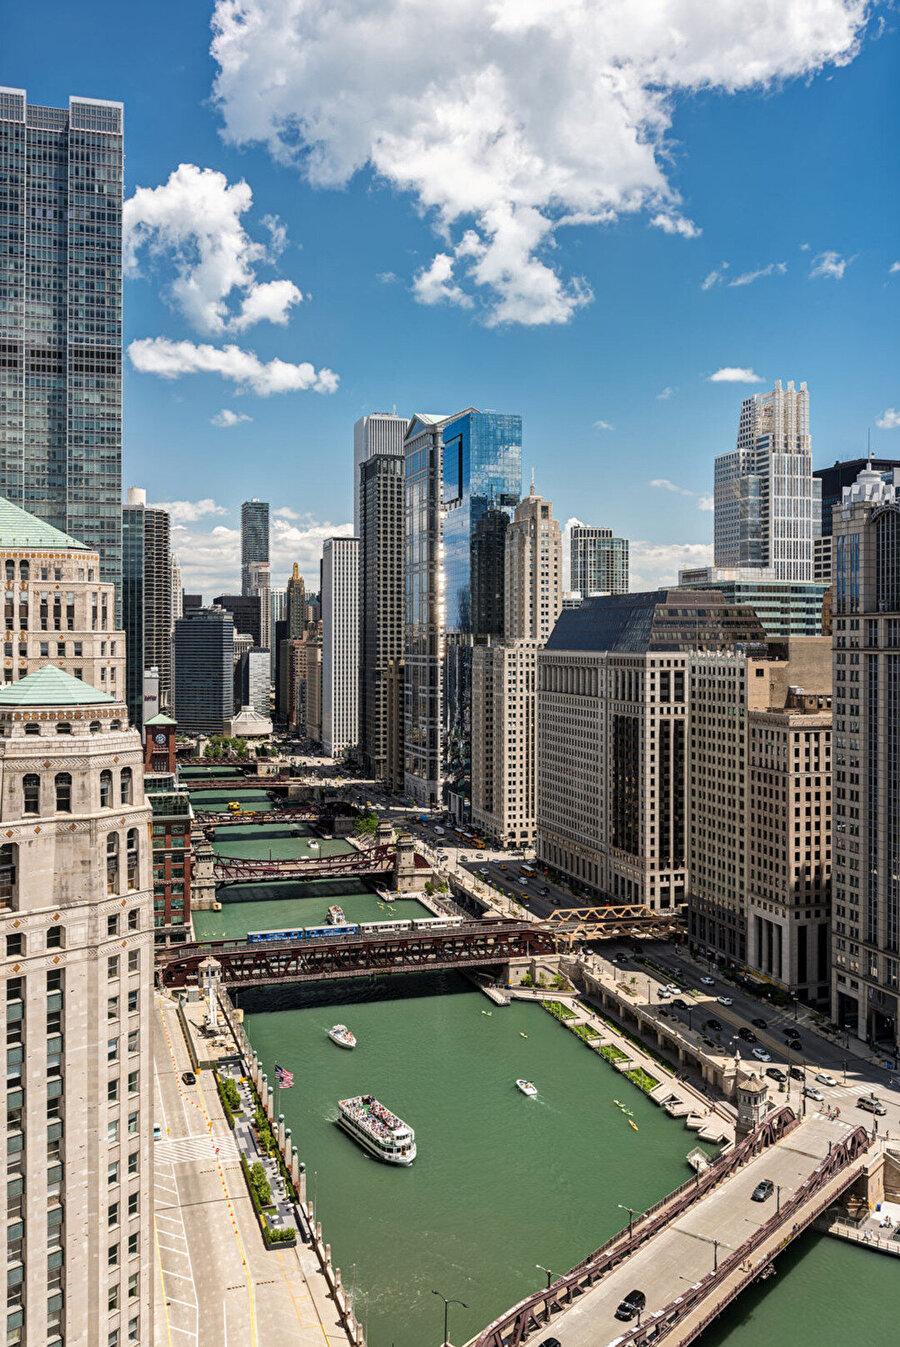 Şehrin ekolojik, rekreasyonel ve ekonomik yararı için Chicago Nehri'ni geri kazanmaya yönelik iddialı bir girişimin son aşamaları olan Chicago Riverwalk projesi, birlik ve çeşitlilik sunuyor.